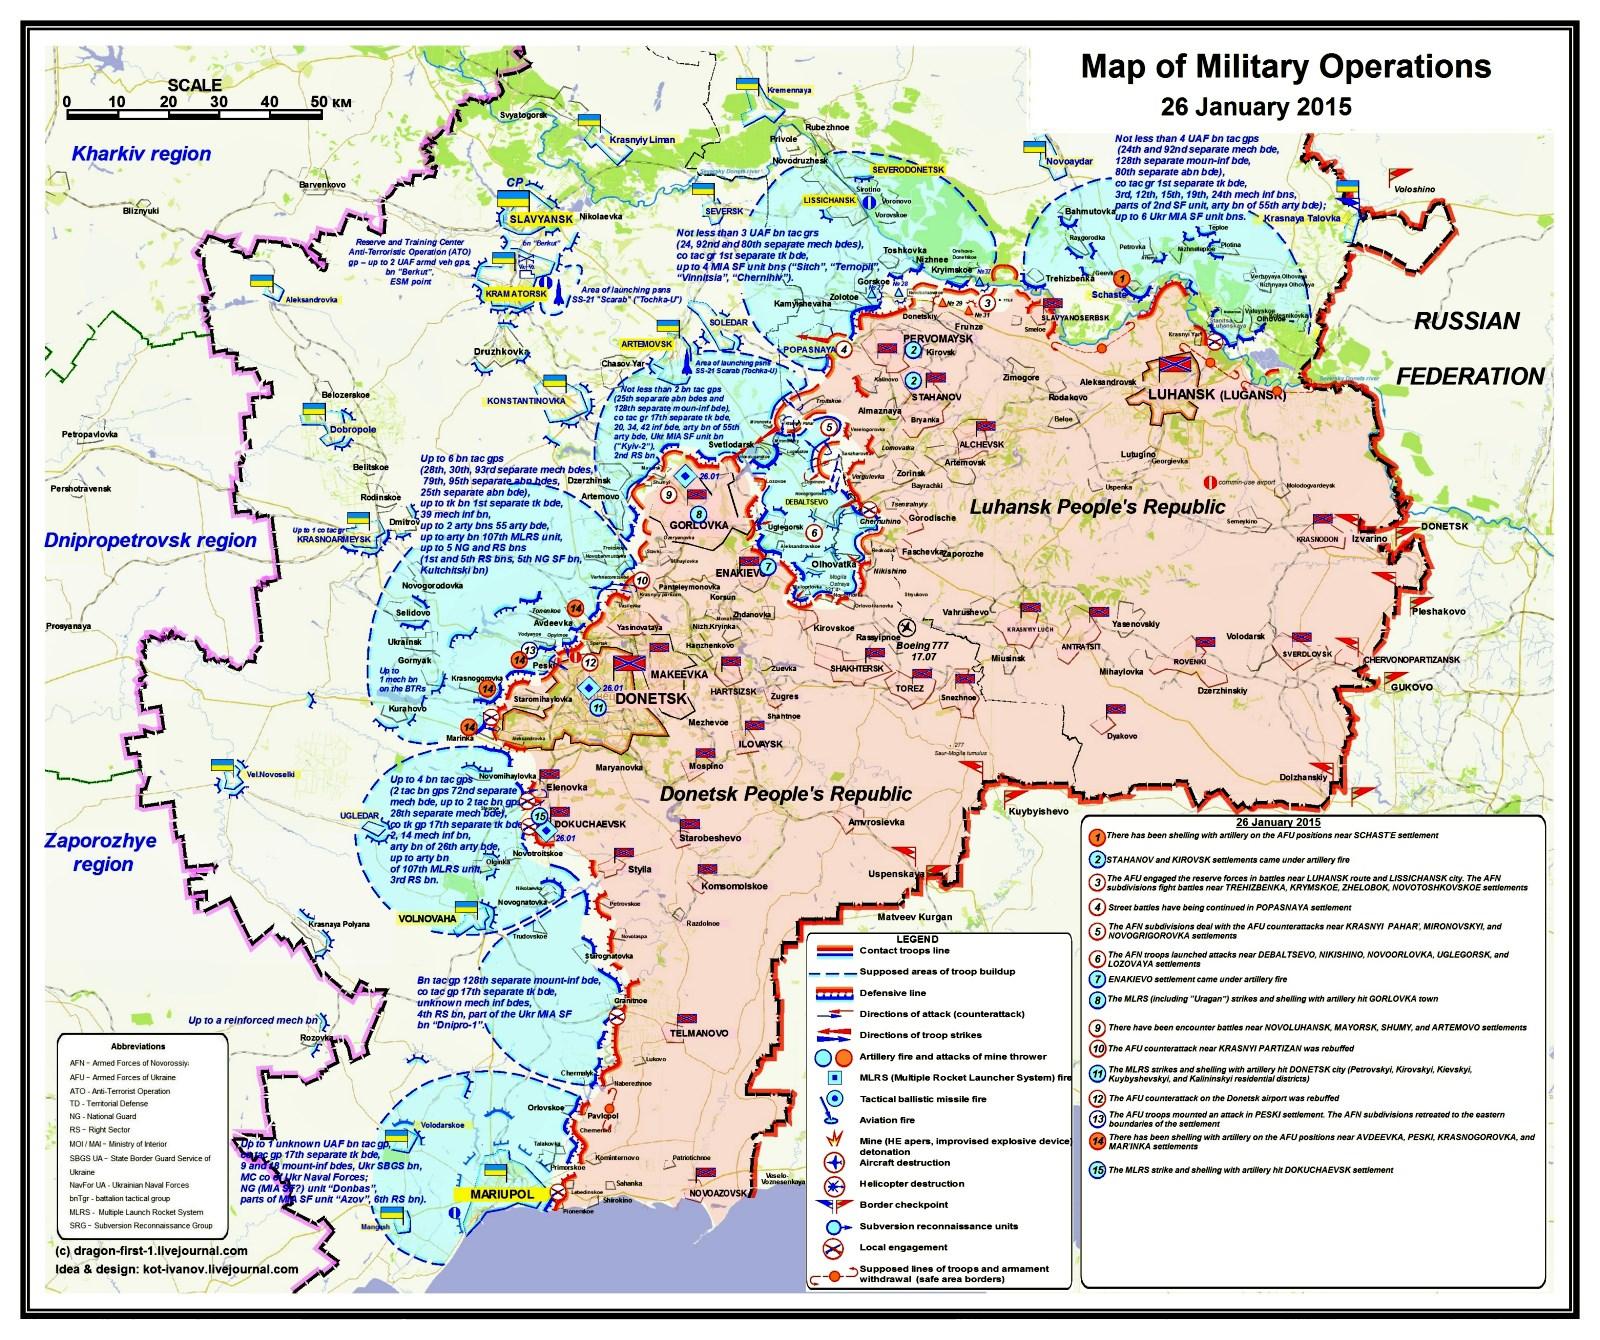 00 sitrep map Novorossiya 02. 27.01.15